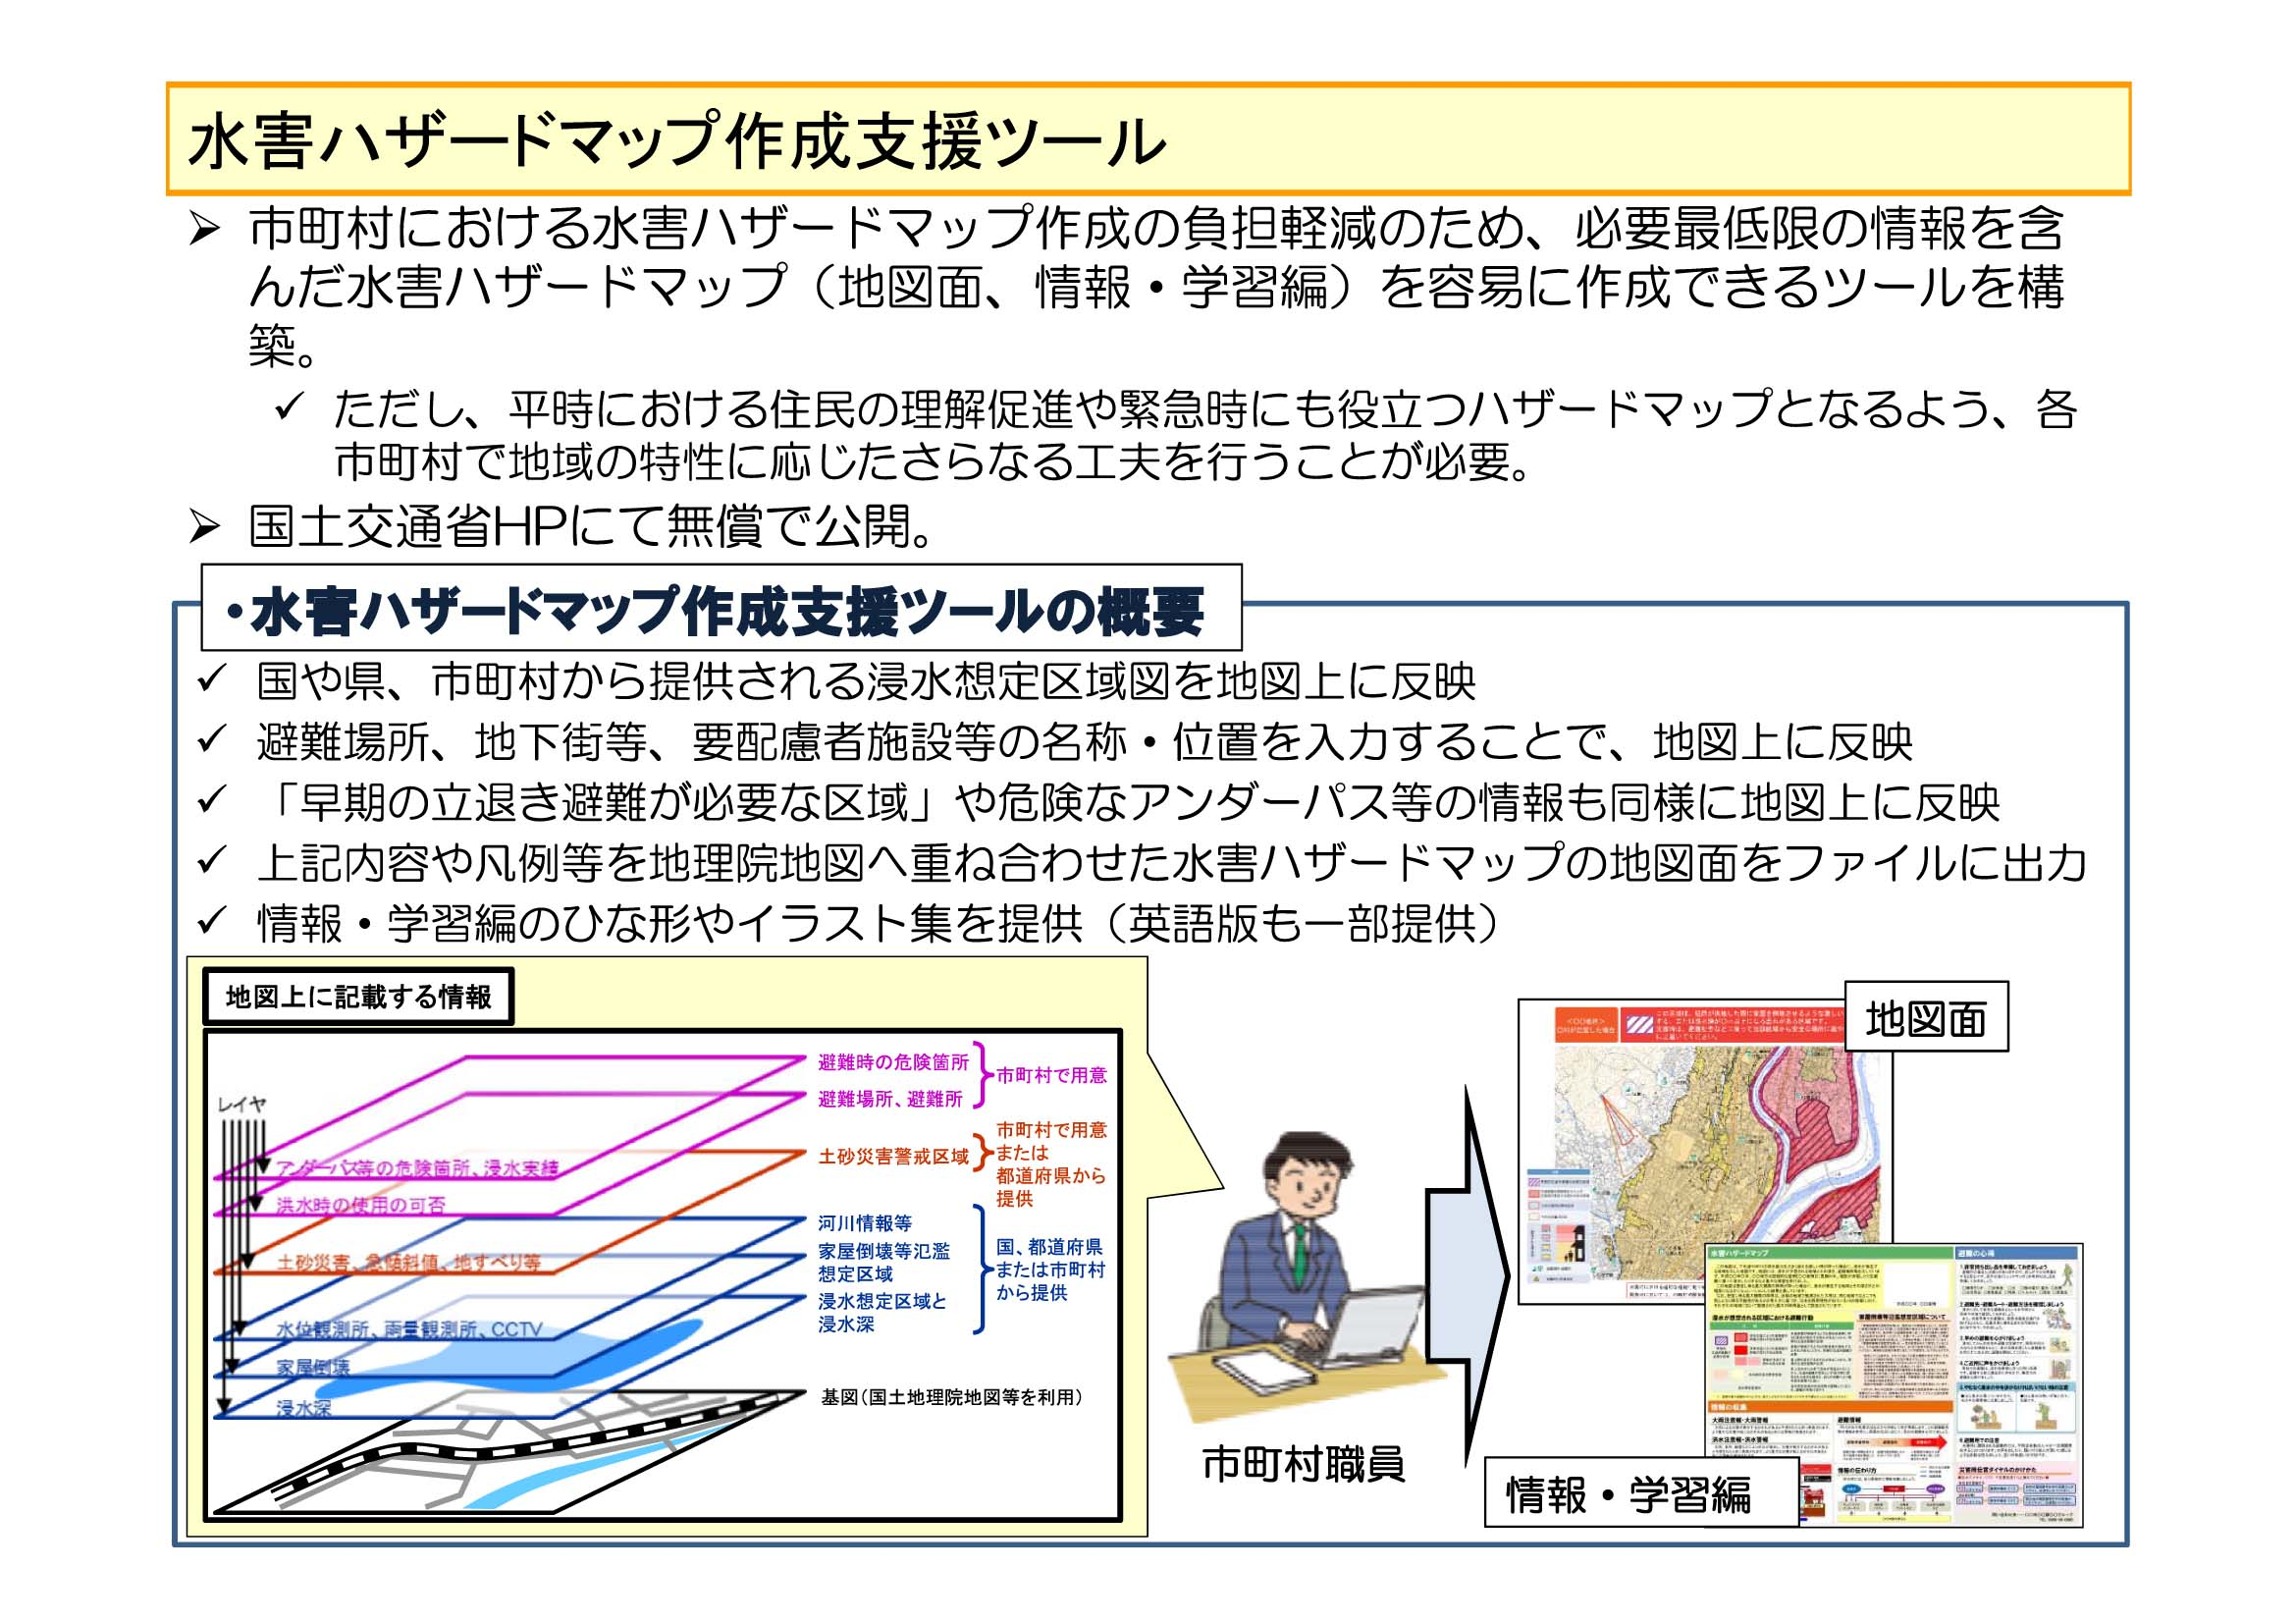 水害ハザードマップ作成の手引き_d0061857_2131741.jpg